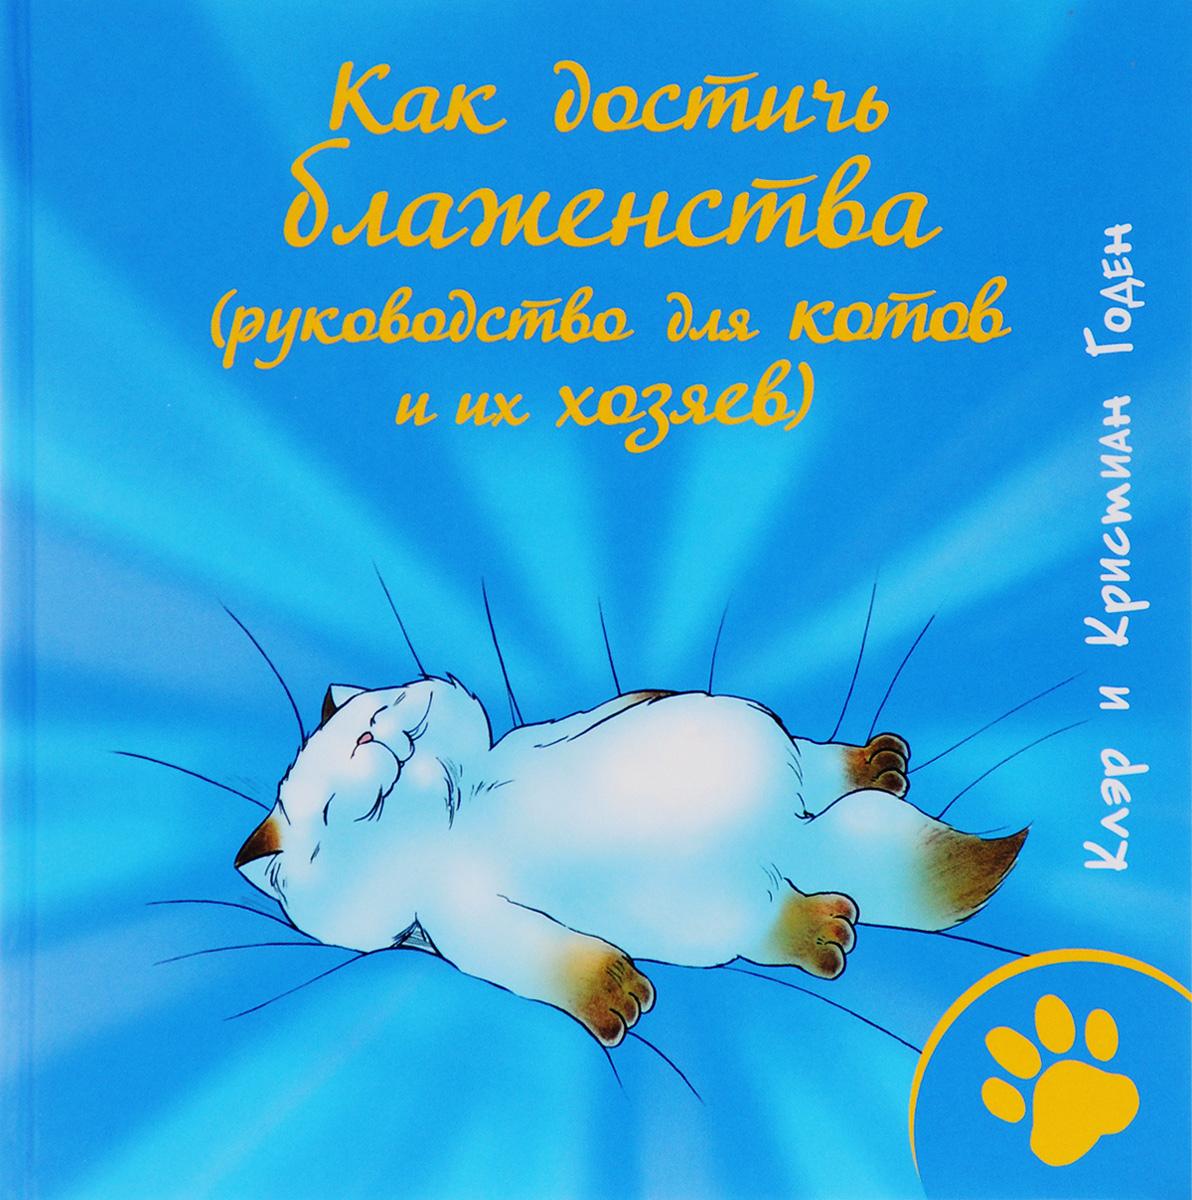 Как достичь блаженства (руководство для кошек и их хозяев). Годен Клэр и Кристиан